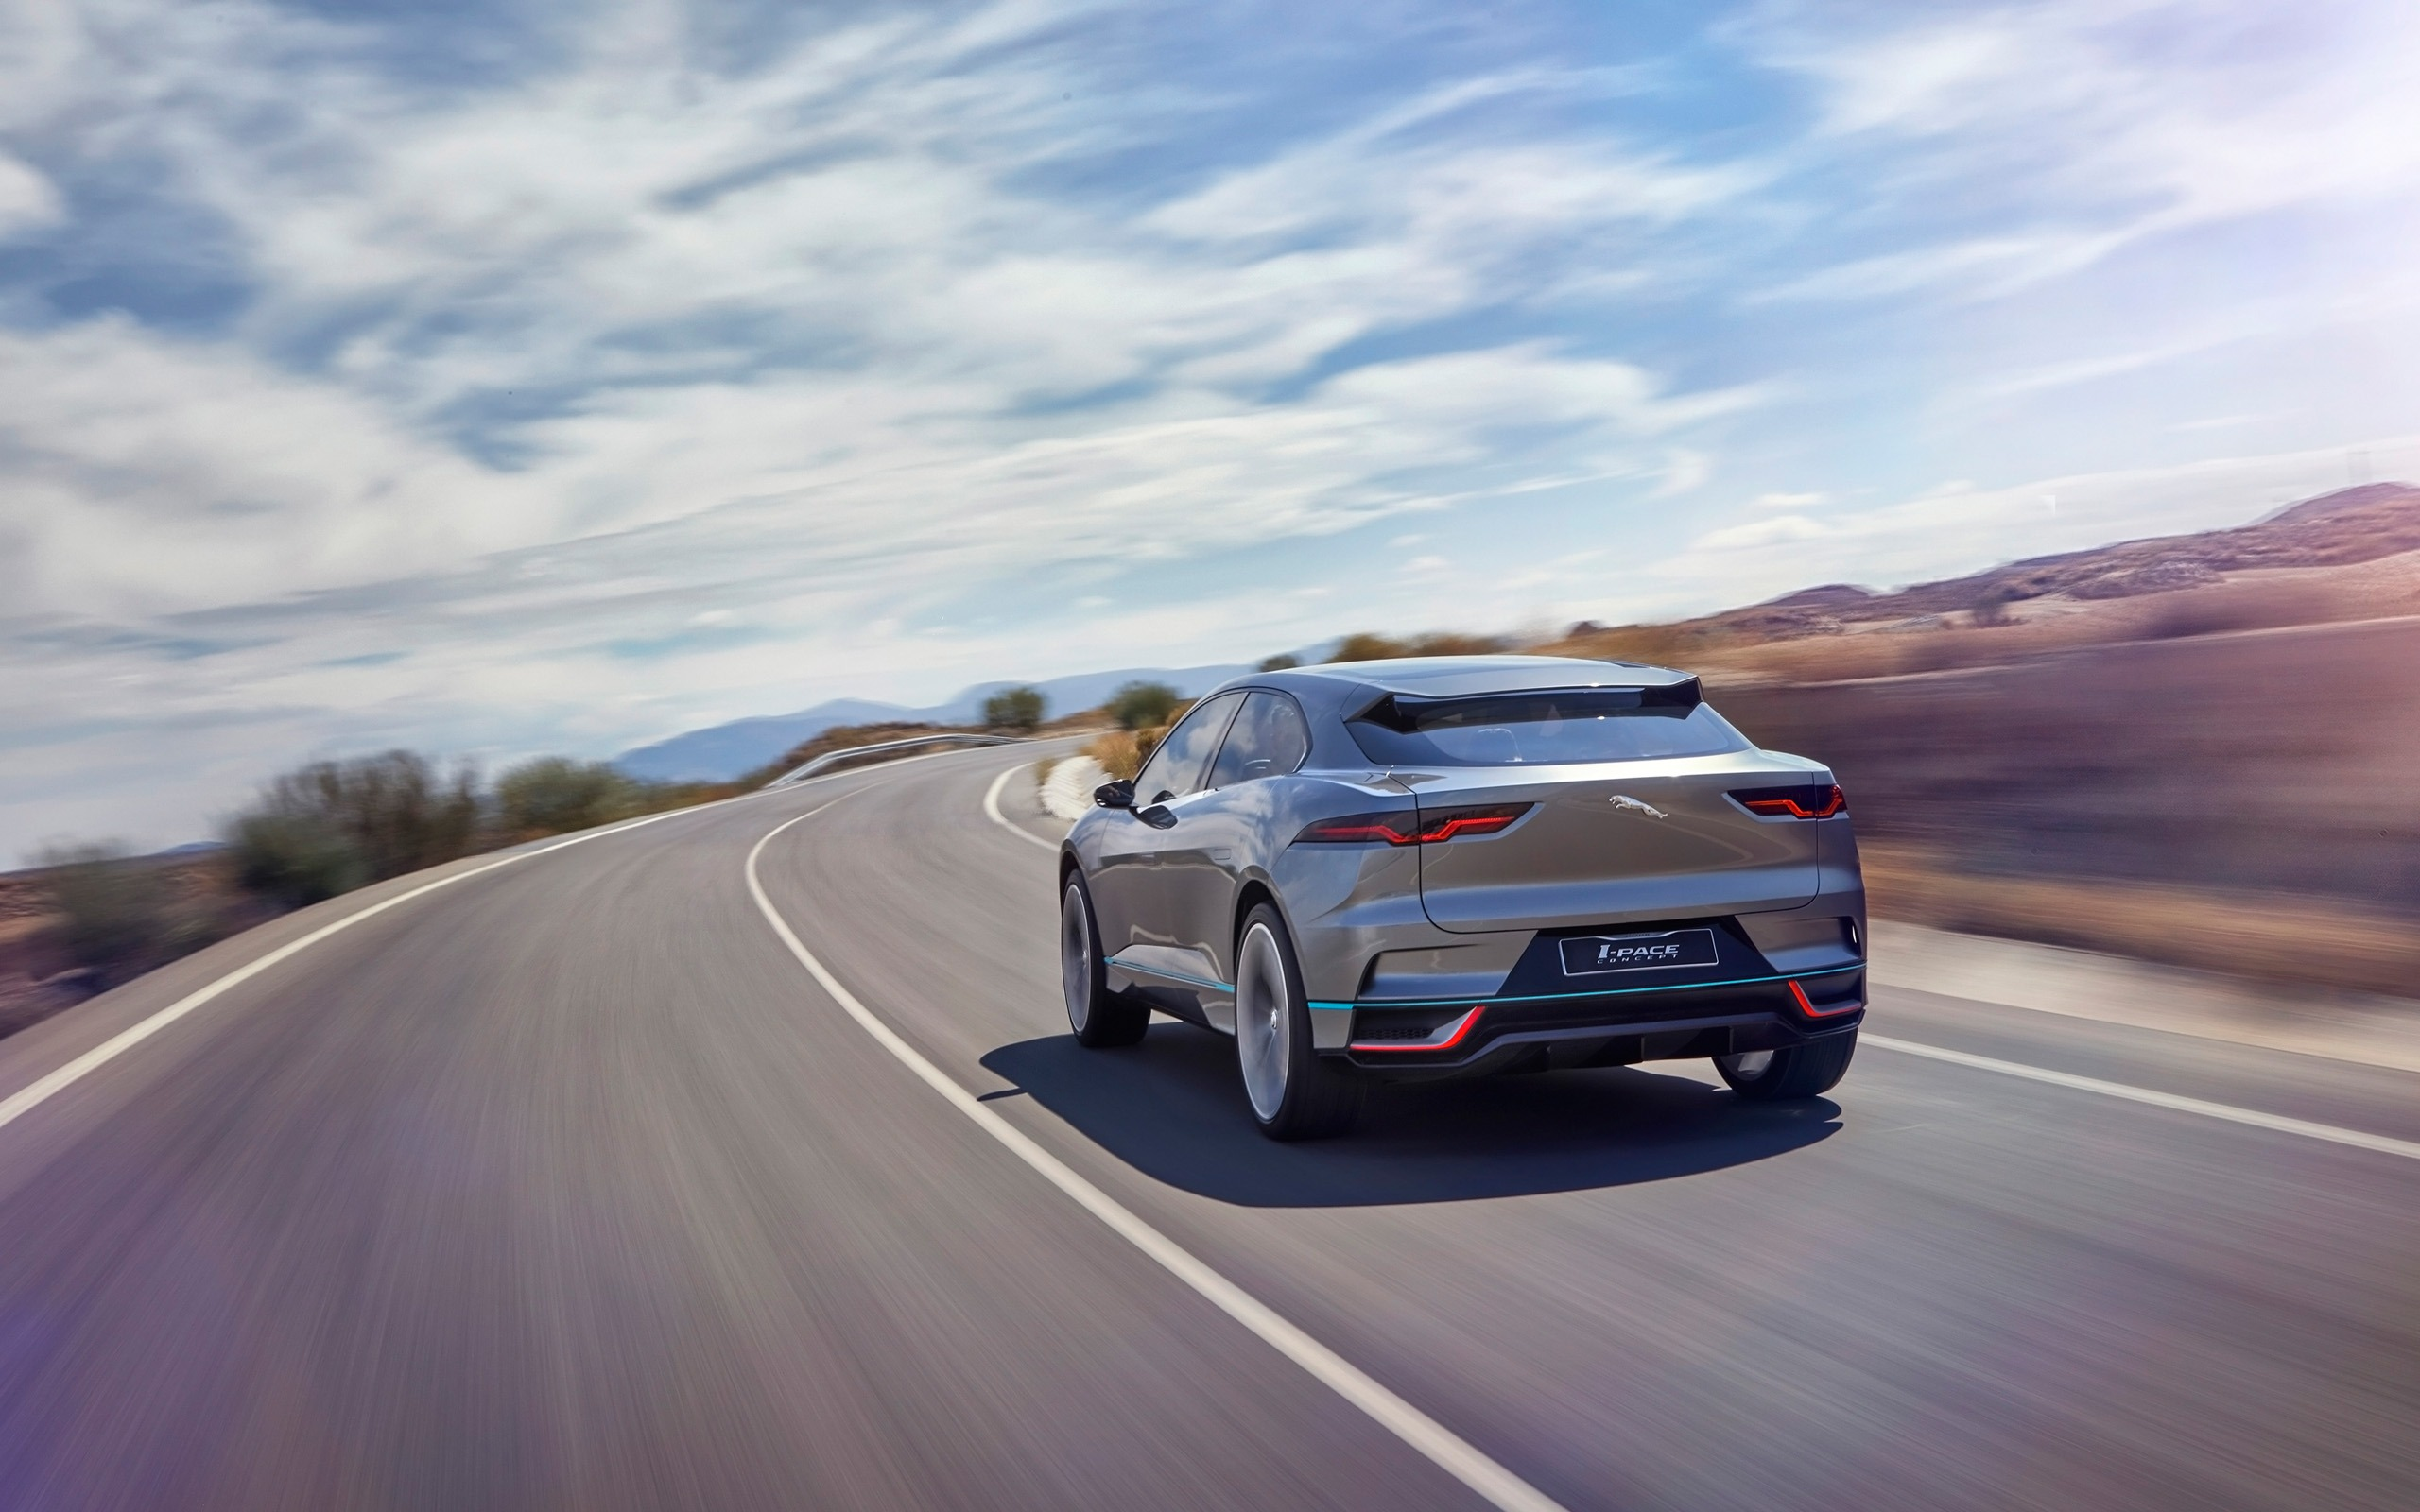 2016 Jaguar I-Pace 개념 자동 HD 배경 화면 17시사 | 10wallpaper.com